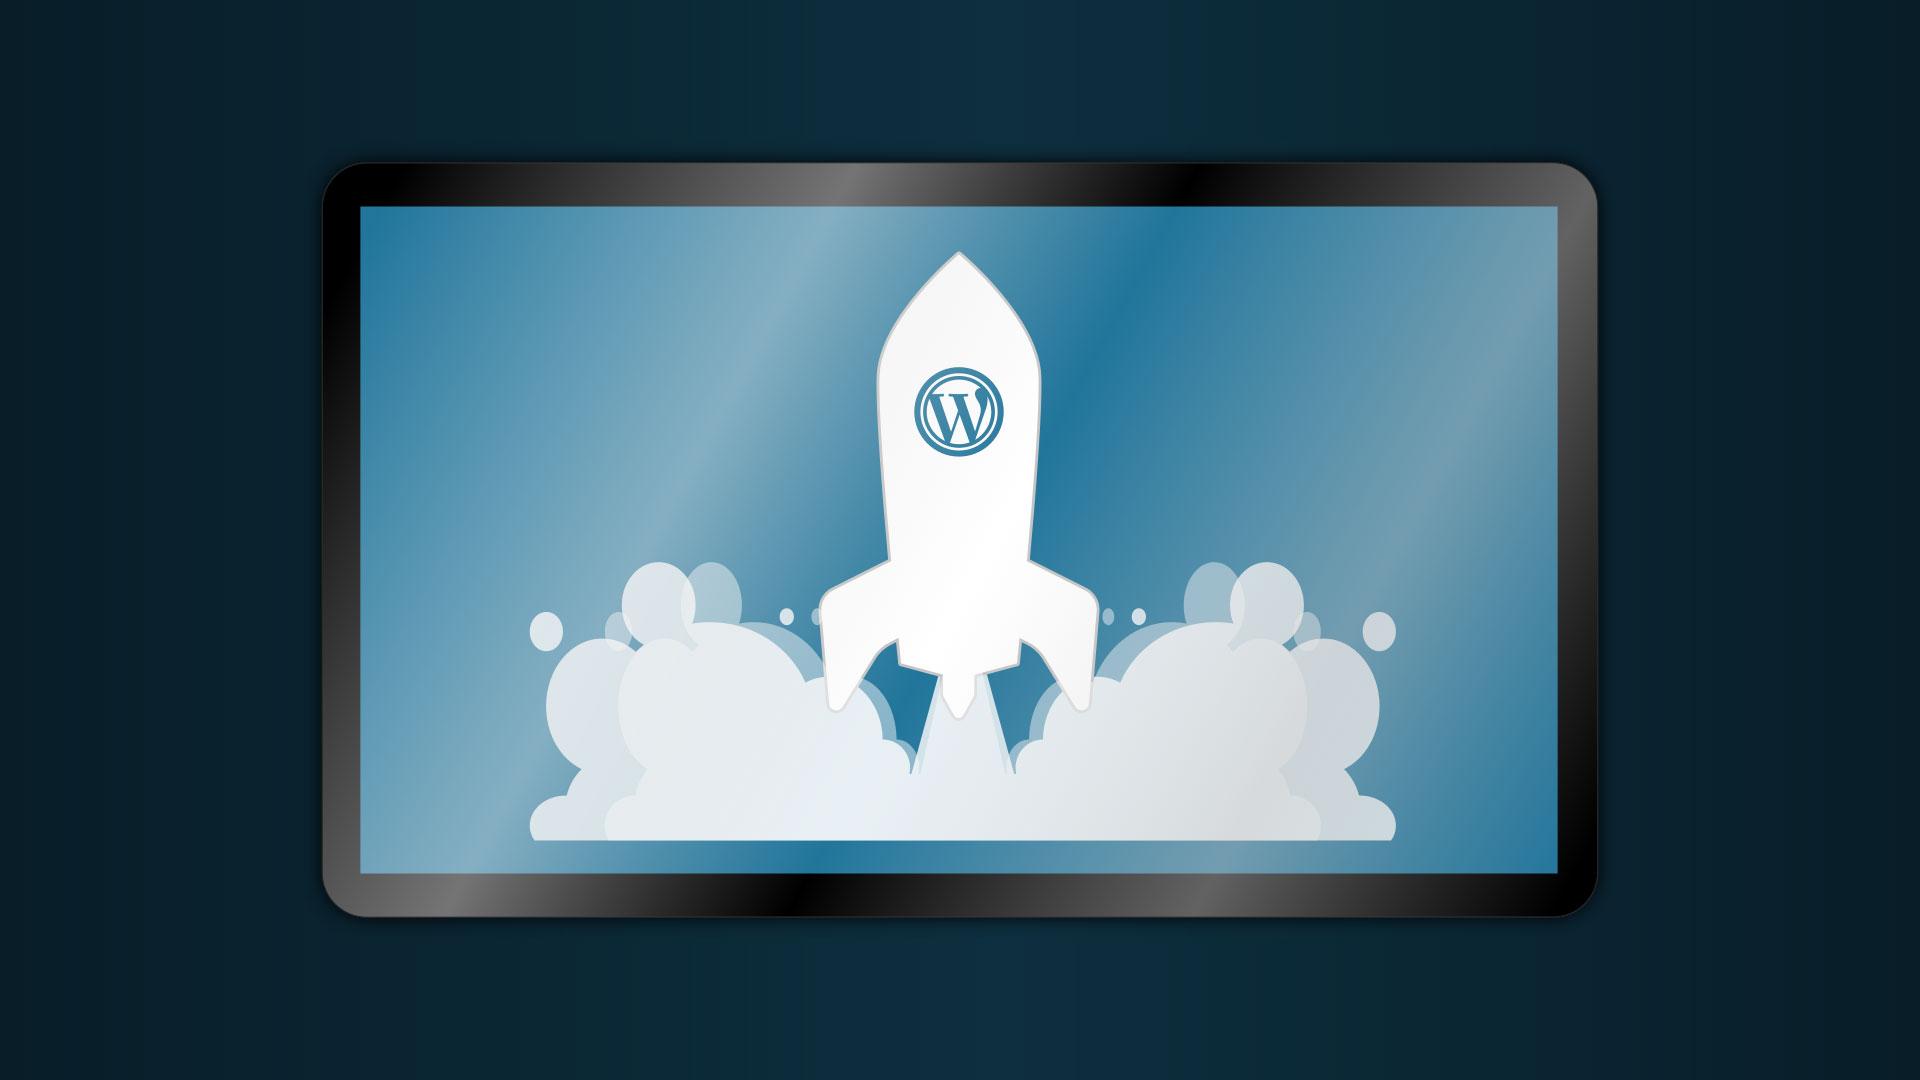 Polecamy usługi intstalacja systemu wordpress